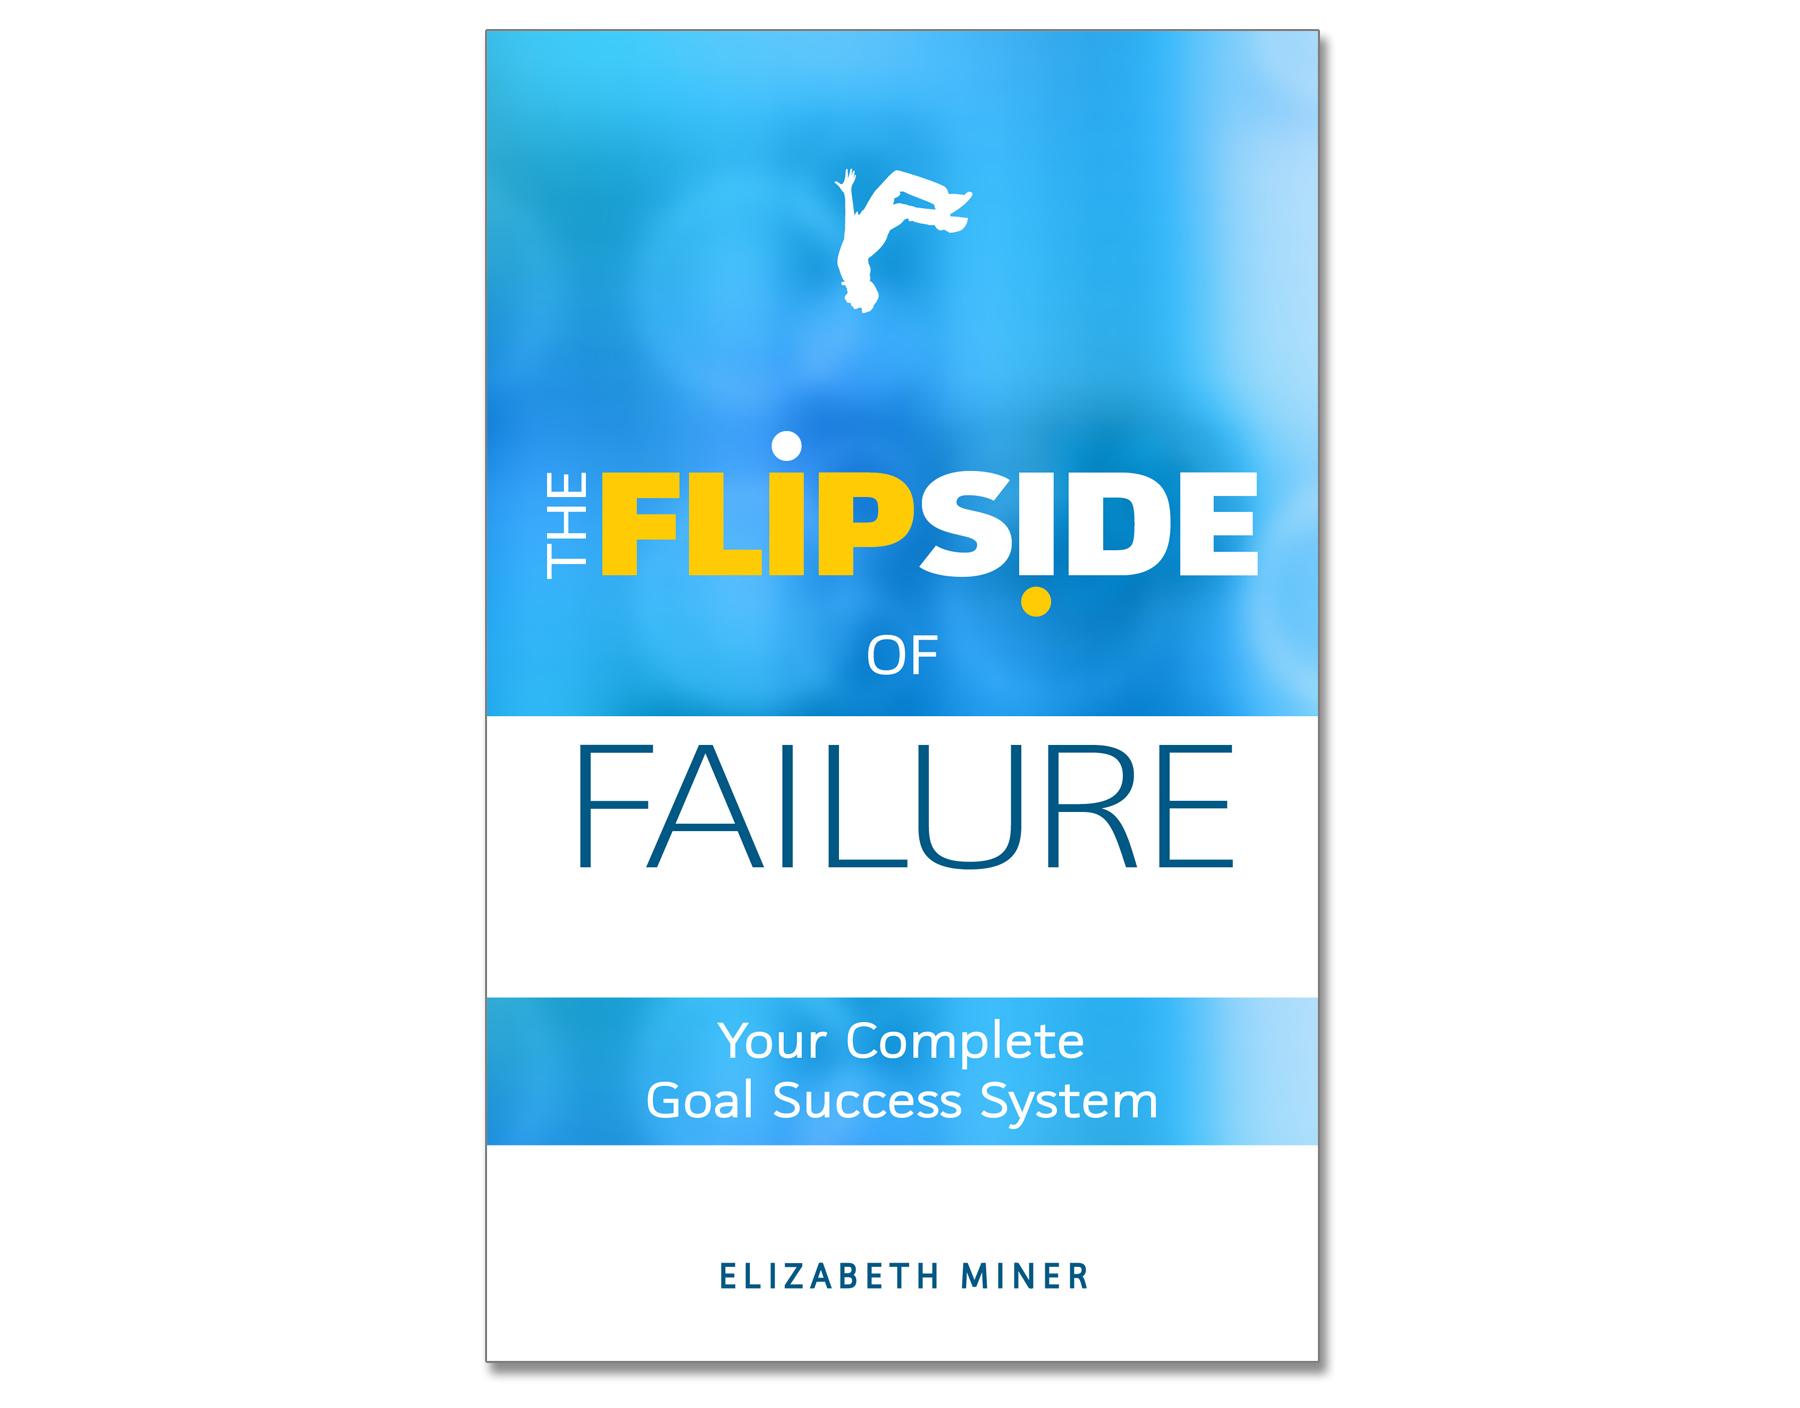 TLFE FlipsideOfFailure.jpg